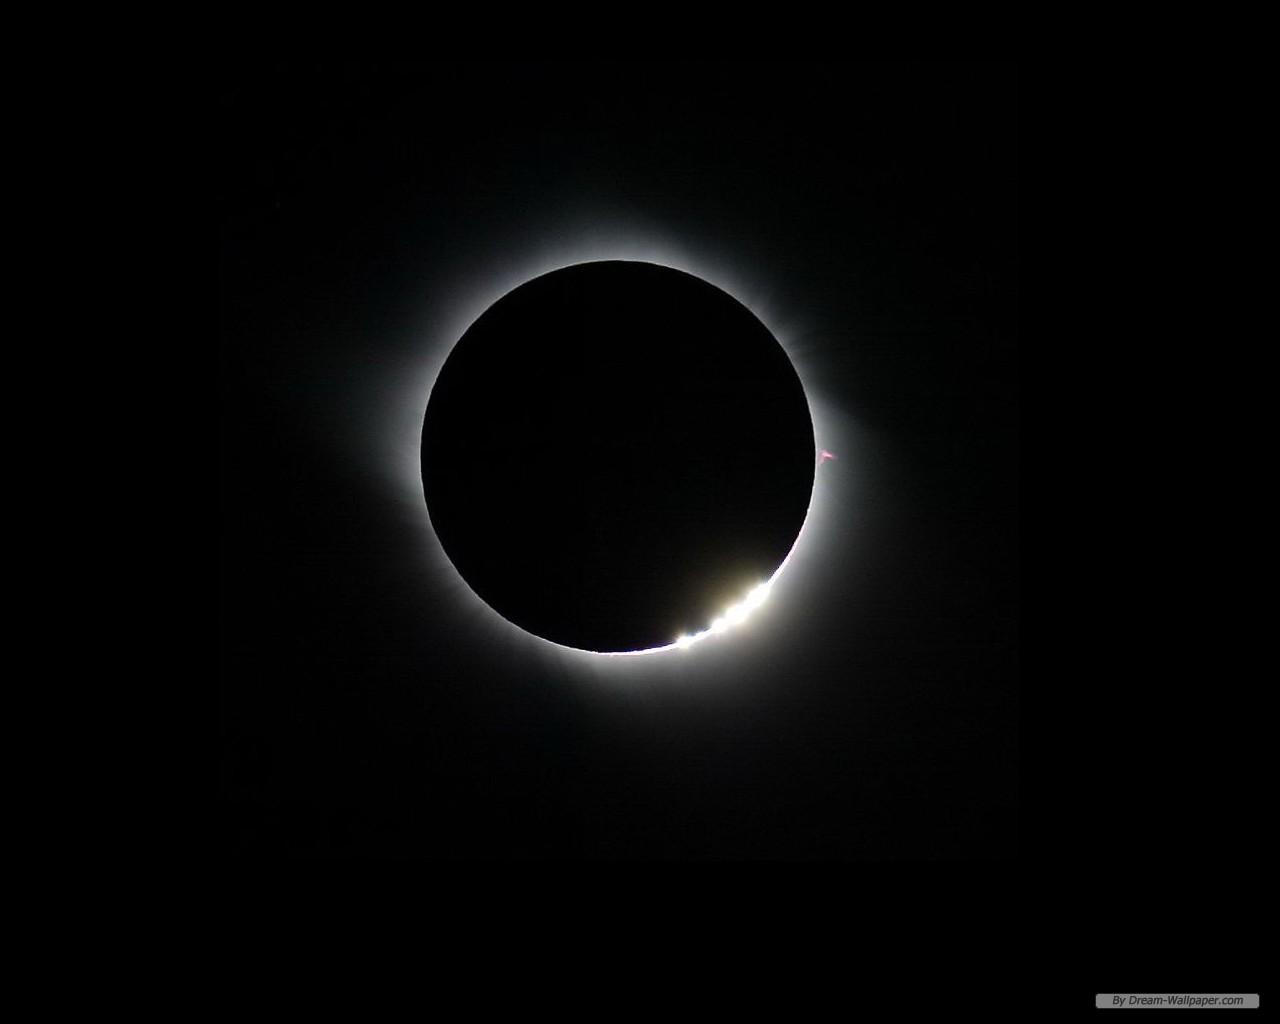 ... wallpaper - Total Solar Eclipse wallpaper - 1280x1024 wallpaper